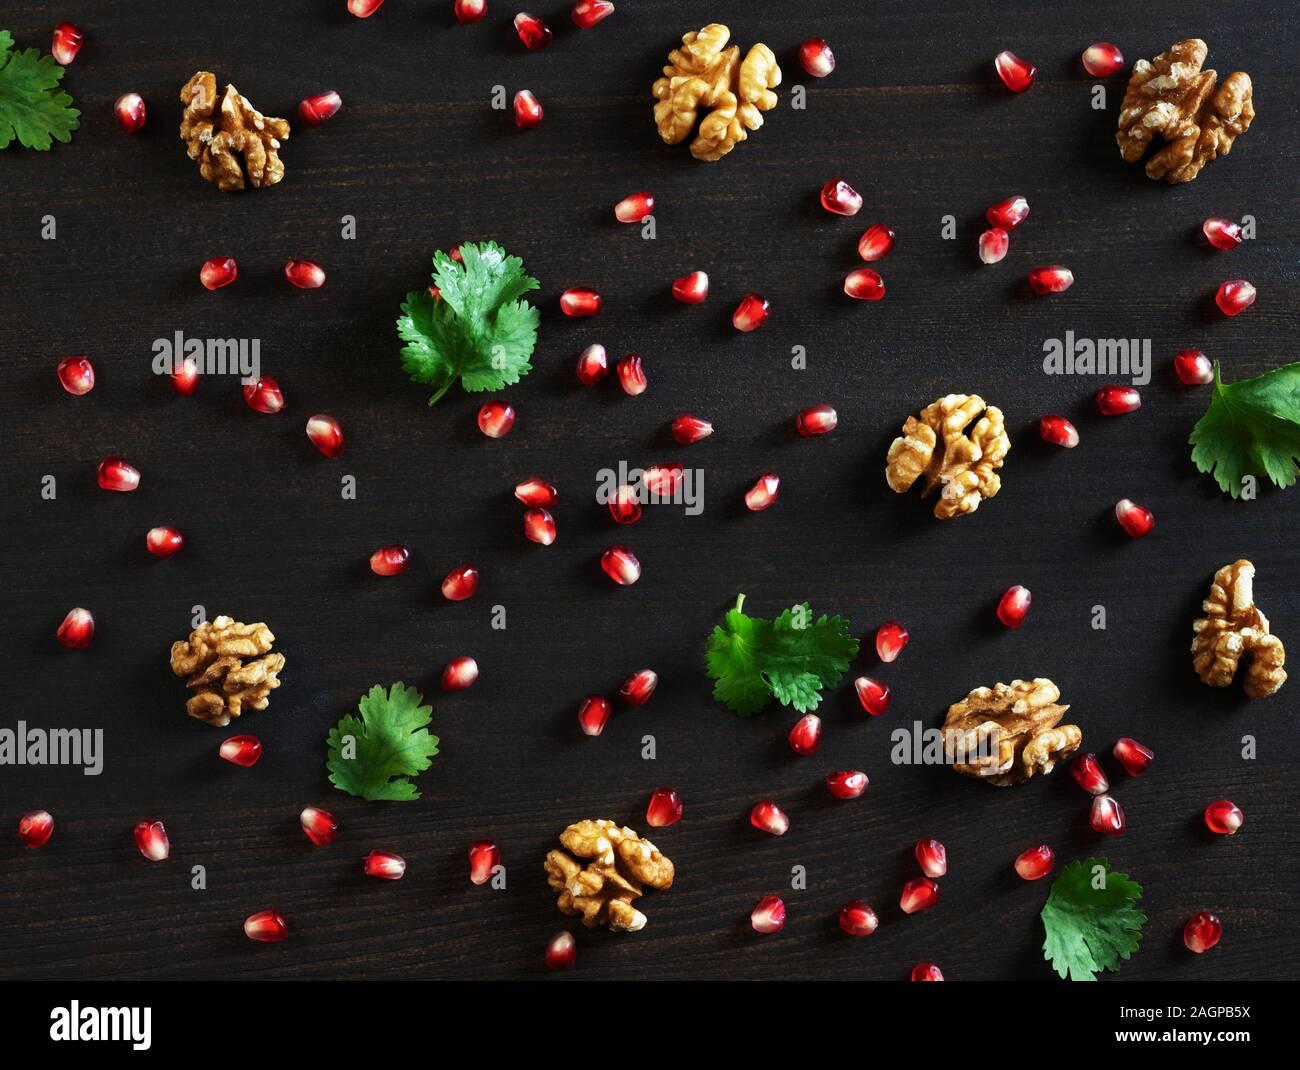 Fondo de alimentos. Semillas de Granada, nueces y cilantro sobre un fondo de madera oscura. Patrón alimentario. Sentar planas, vista superior. Foto de stock